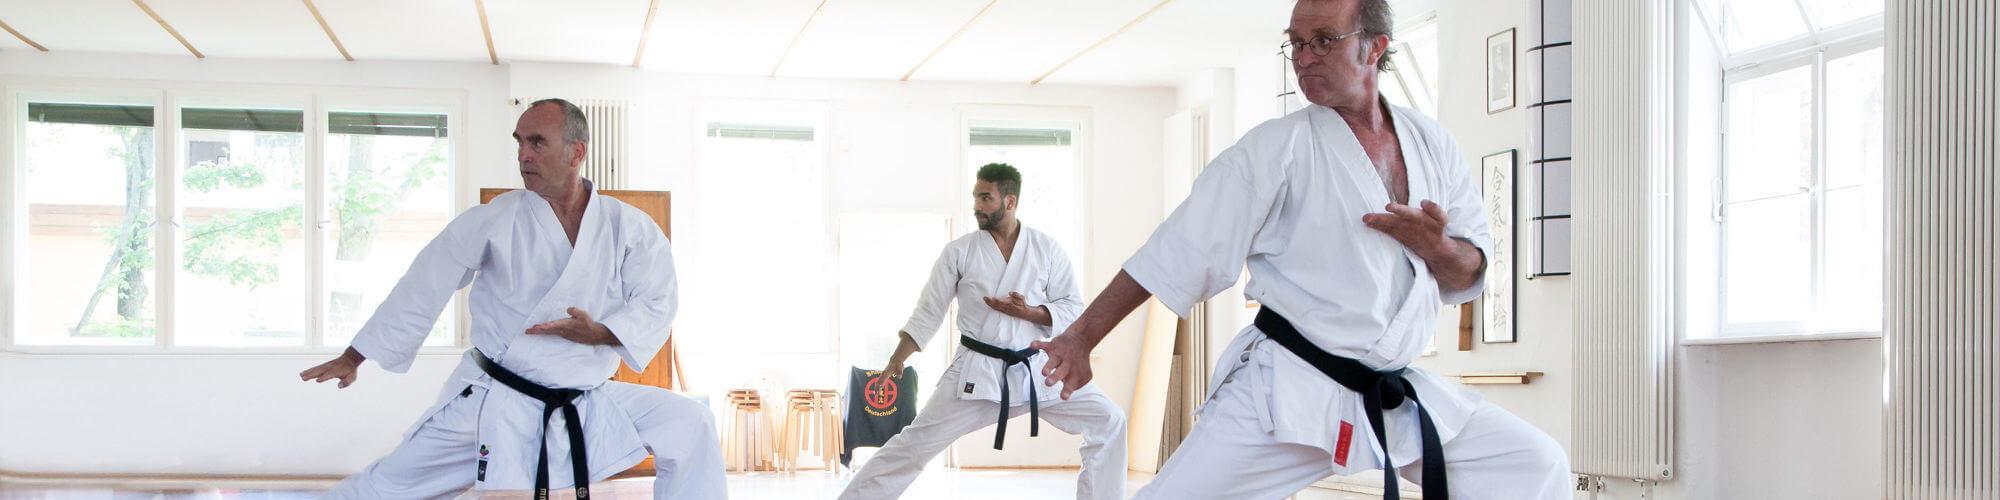 header für gesunfheit und sport - Menschen im Karate-Autzug machen Katas